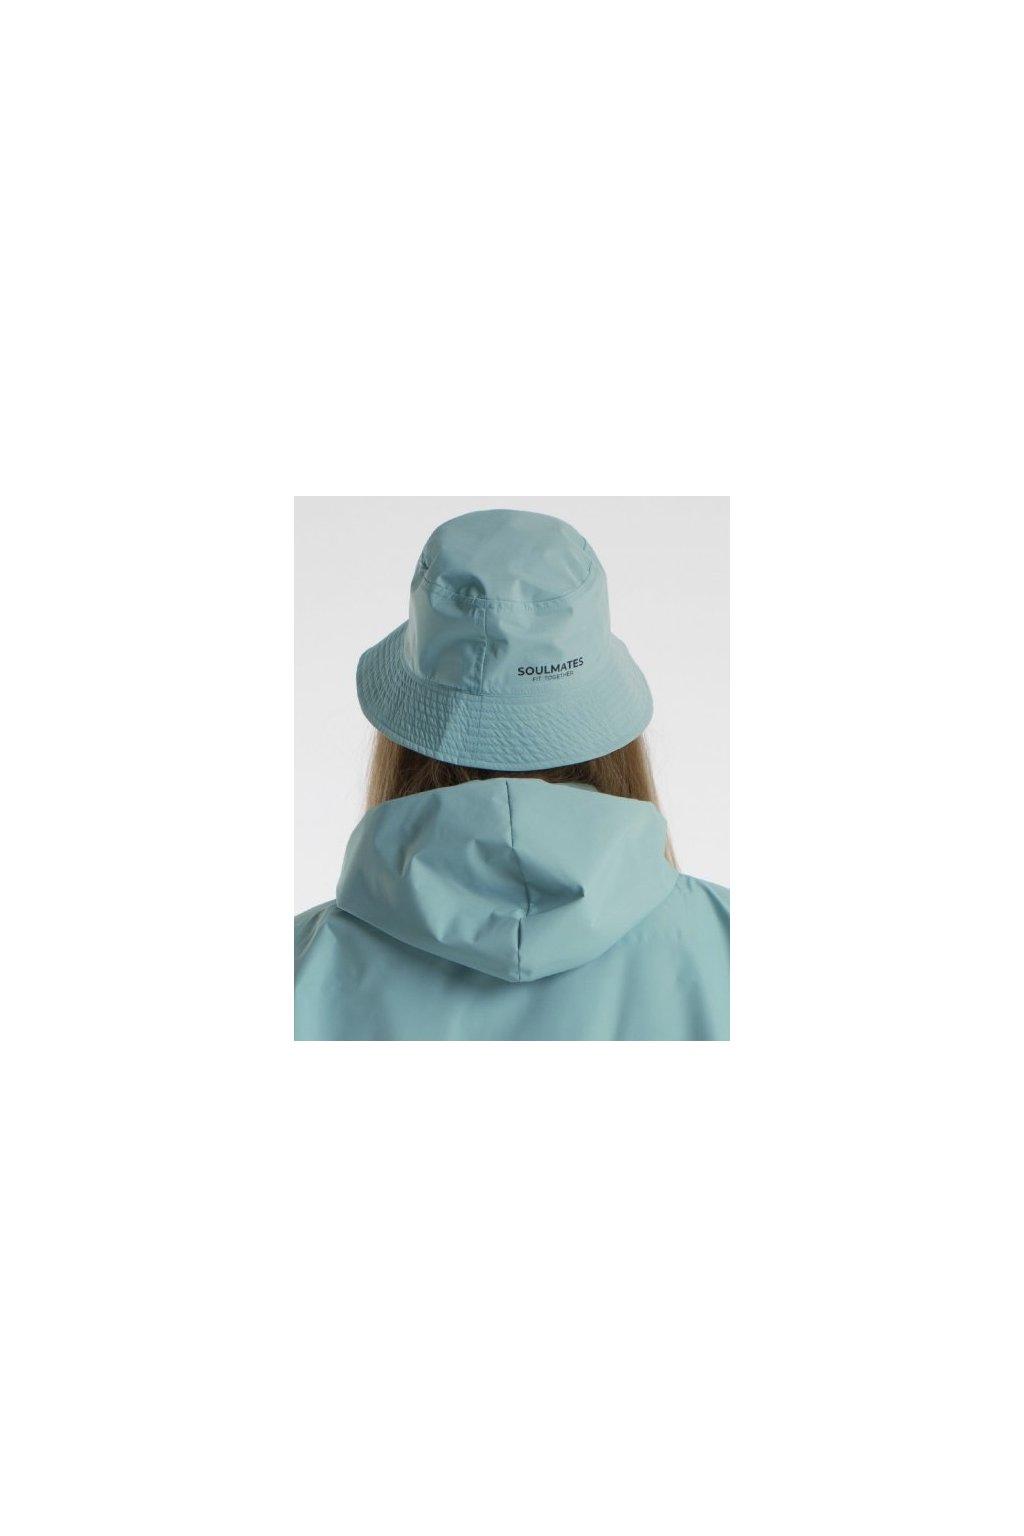 Stylový klobouček SOULMATES • tiffany blue / tiffany modrá